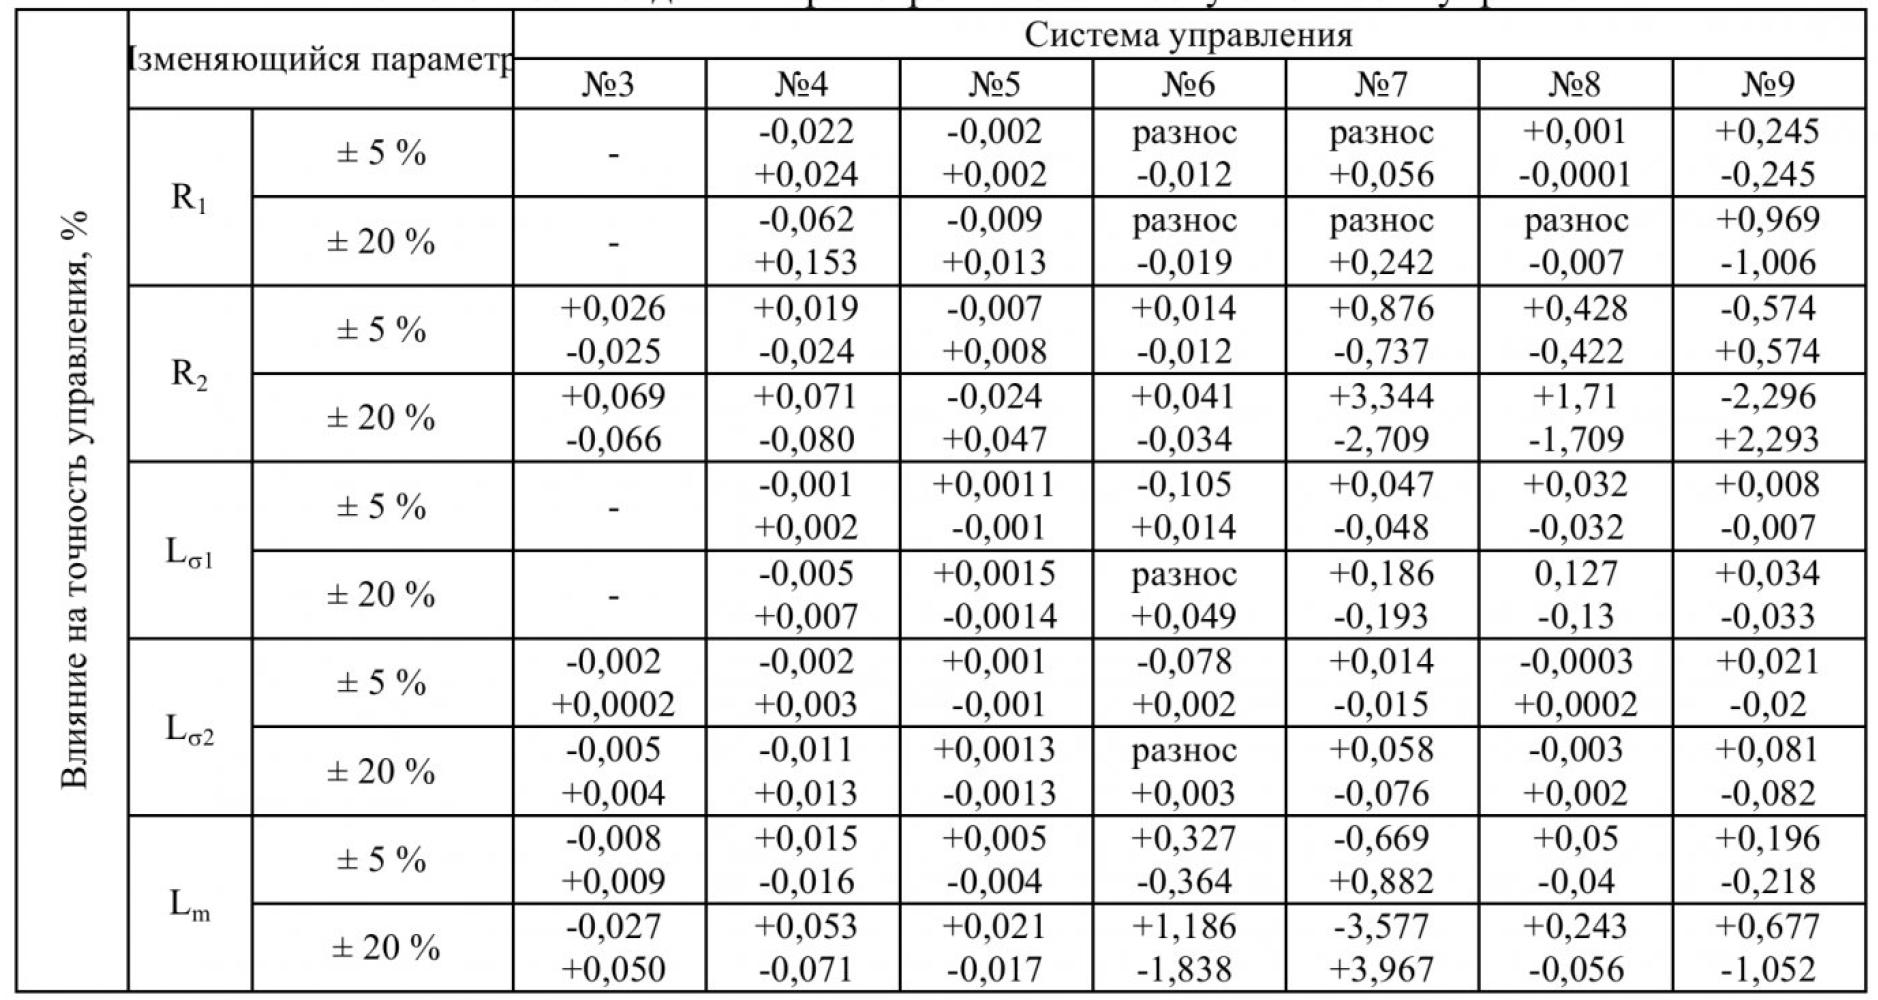 Сравнительный анализ систем регулирования угловой скорости асинхронного электродвигателя 6